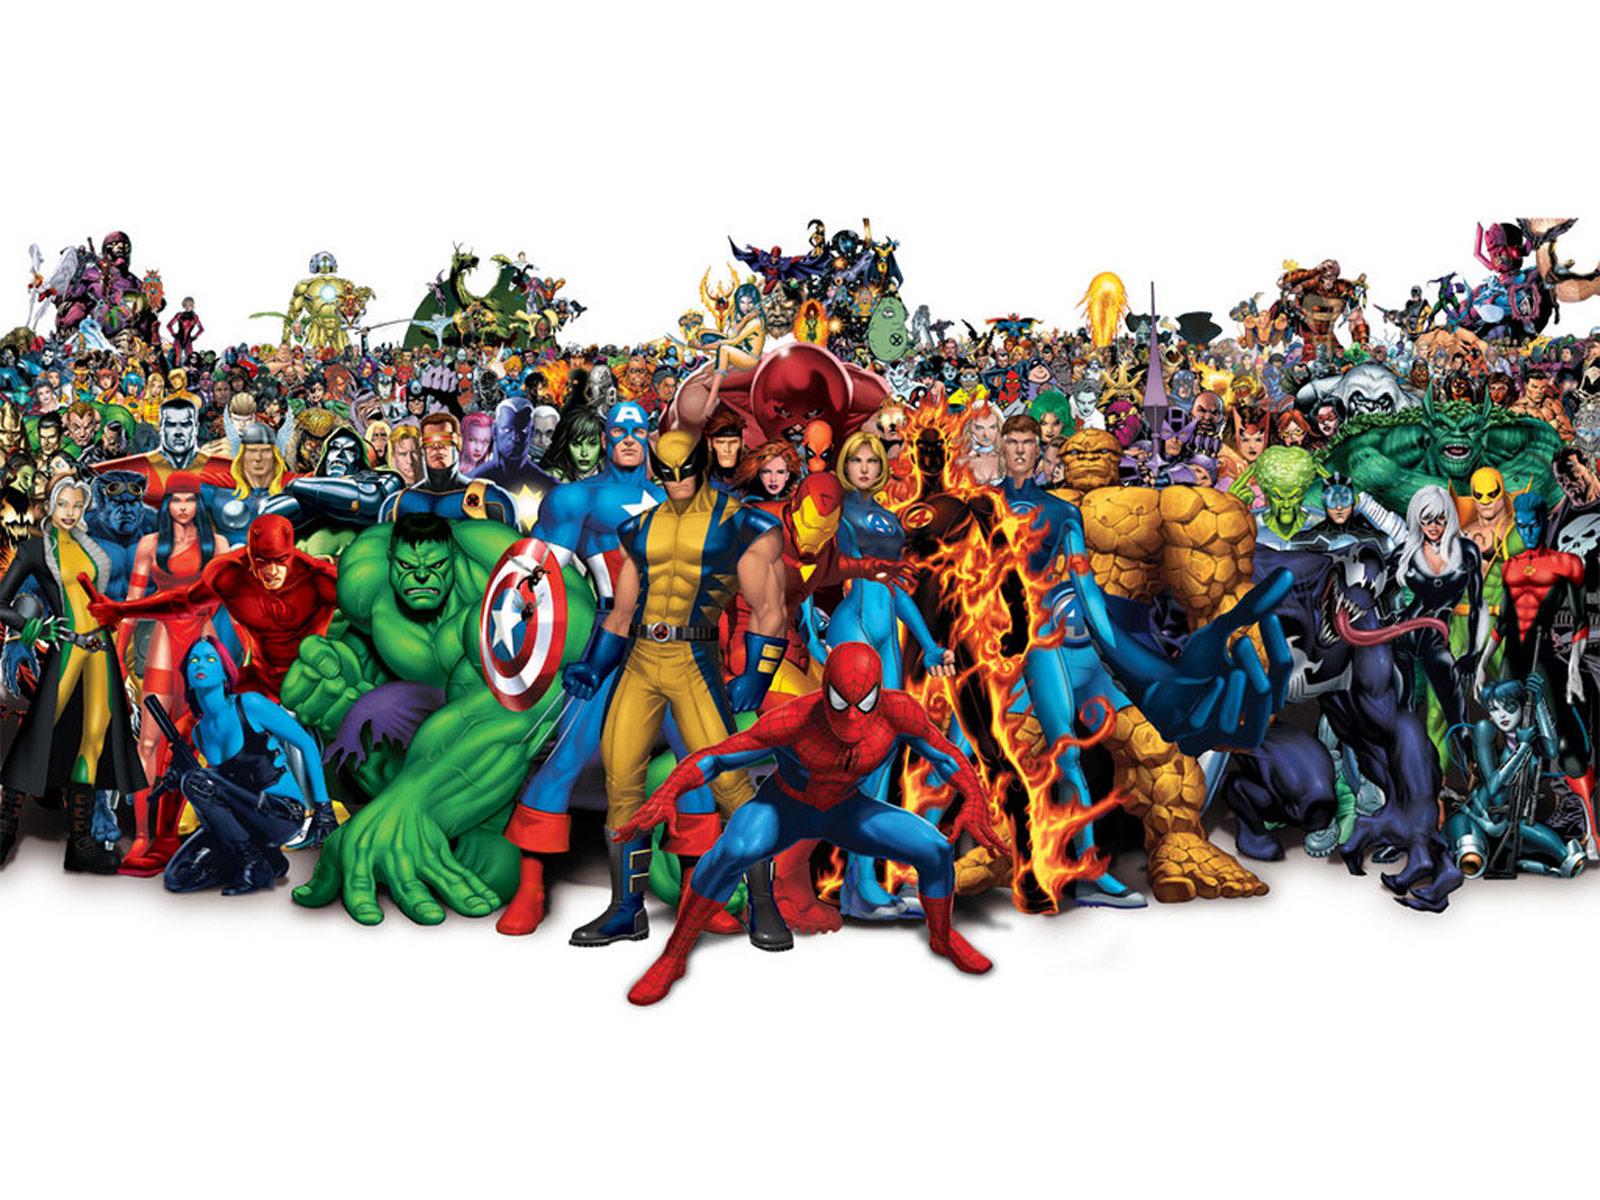 Super Heroes computer desktop wallpapers pictures images 1600x1200